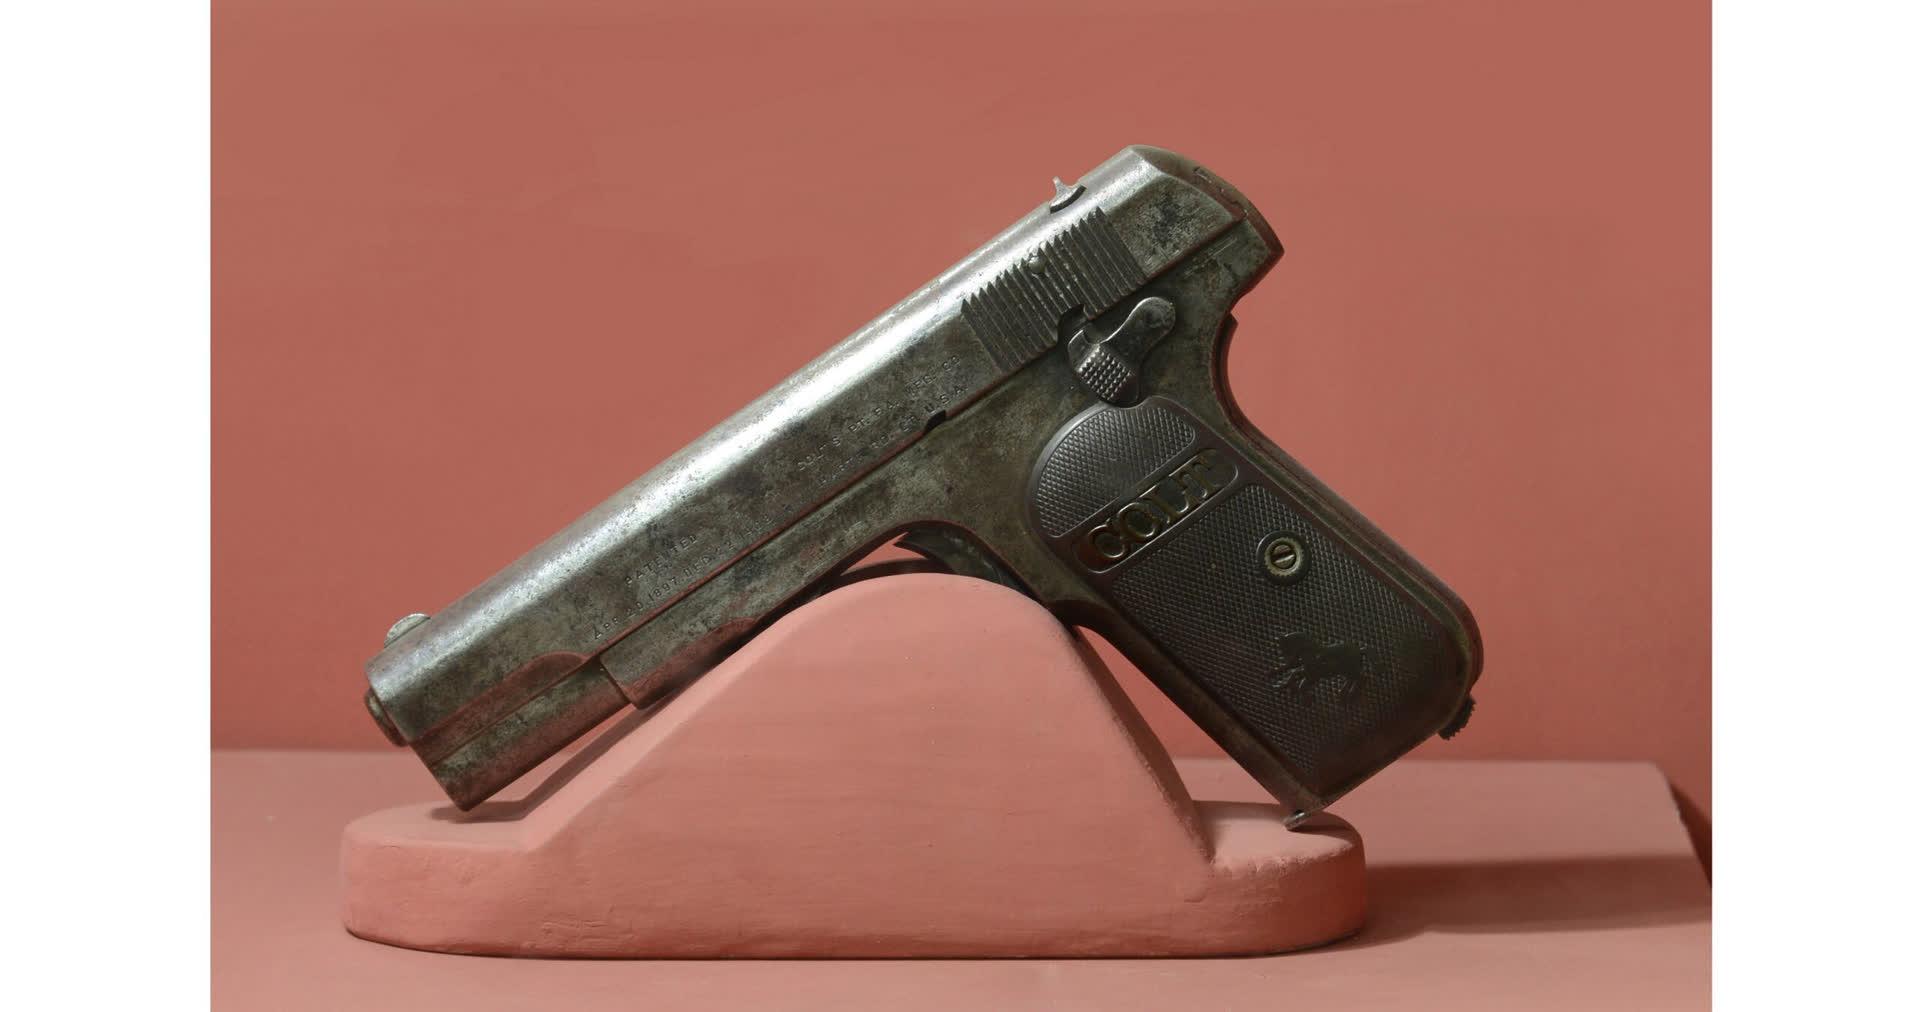 Pistol of Chandra Shekhar Azad | Allahabad Museum